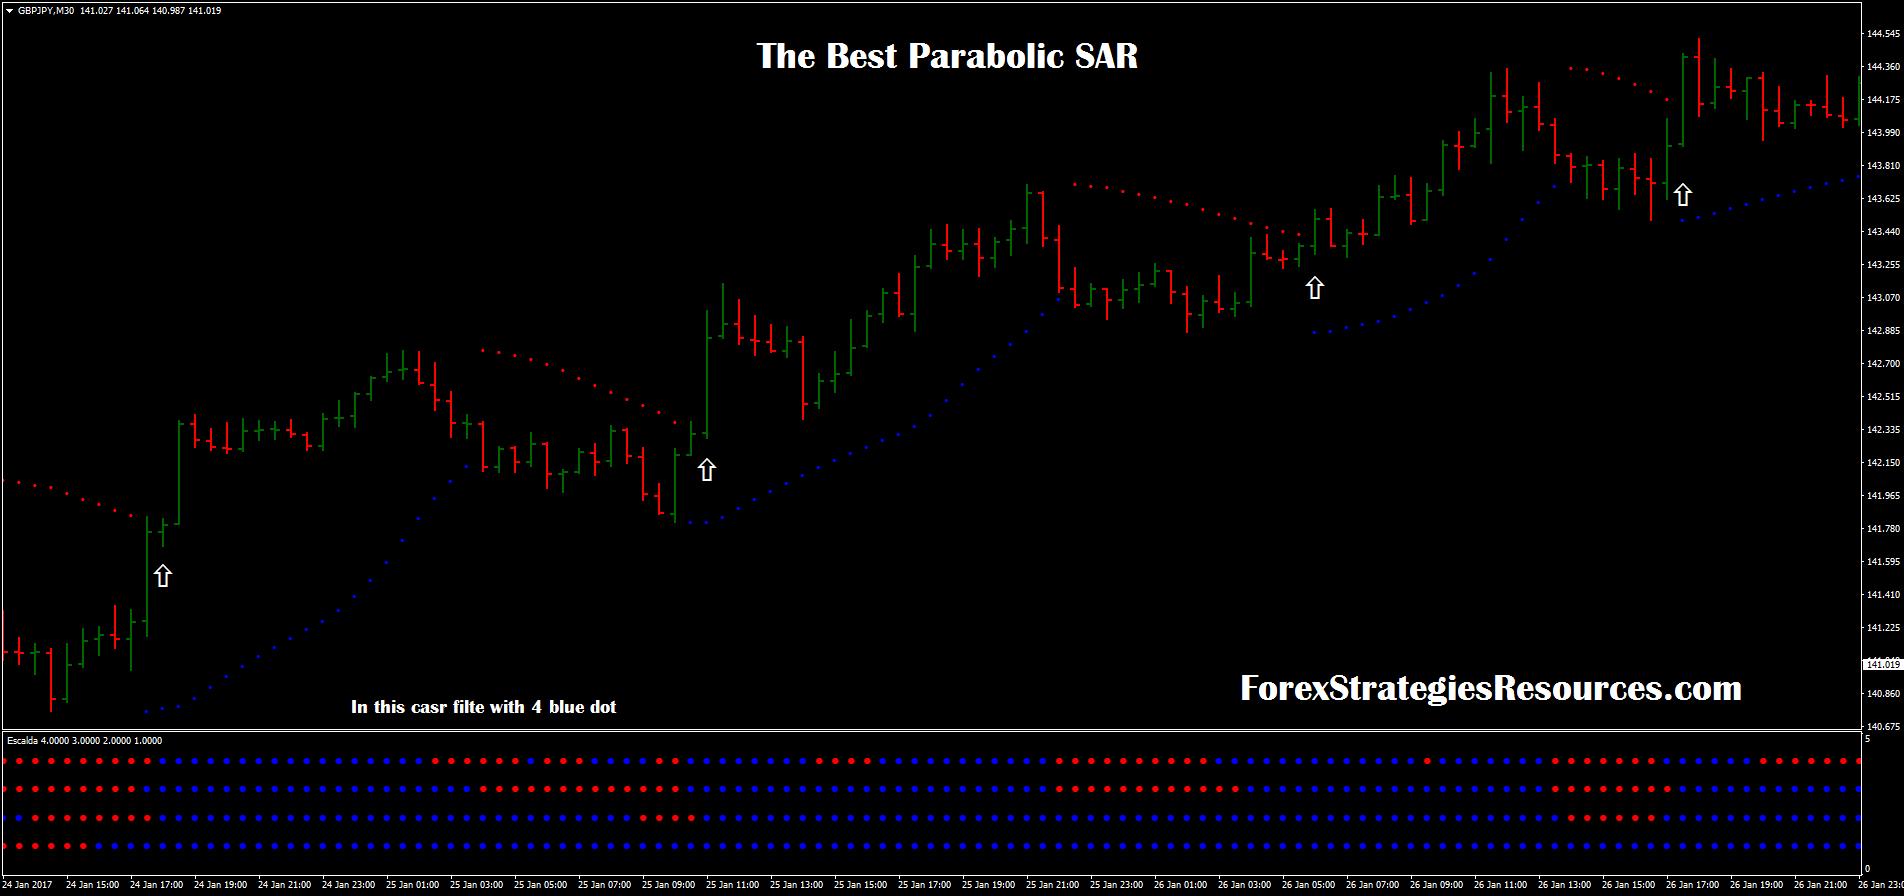 système de trading gratuit adx parabolic sar avec mt4